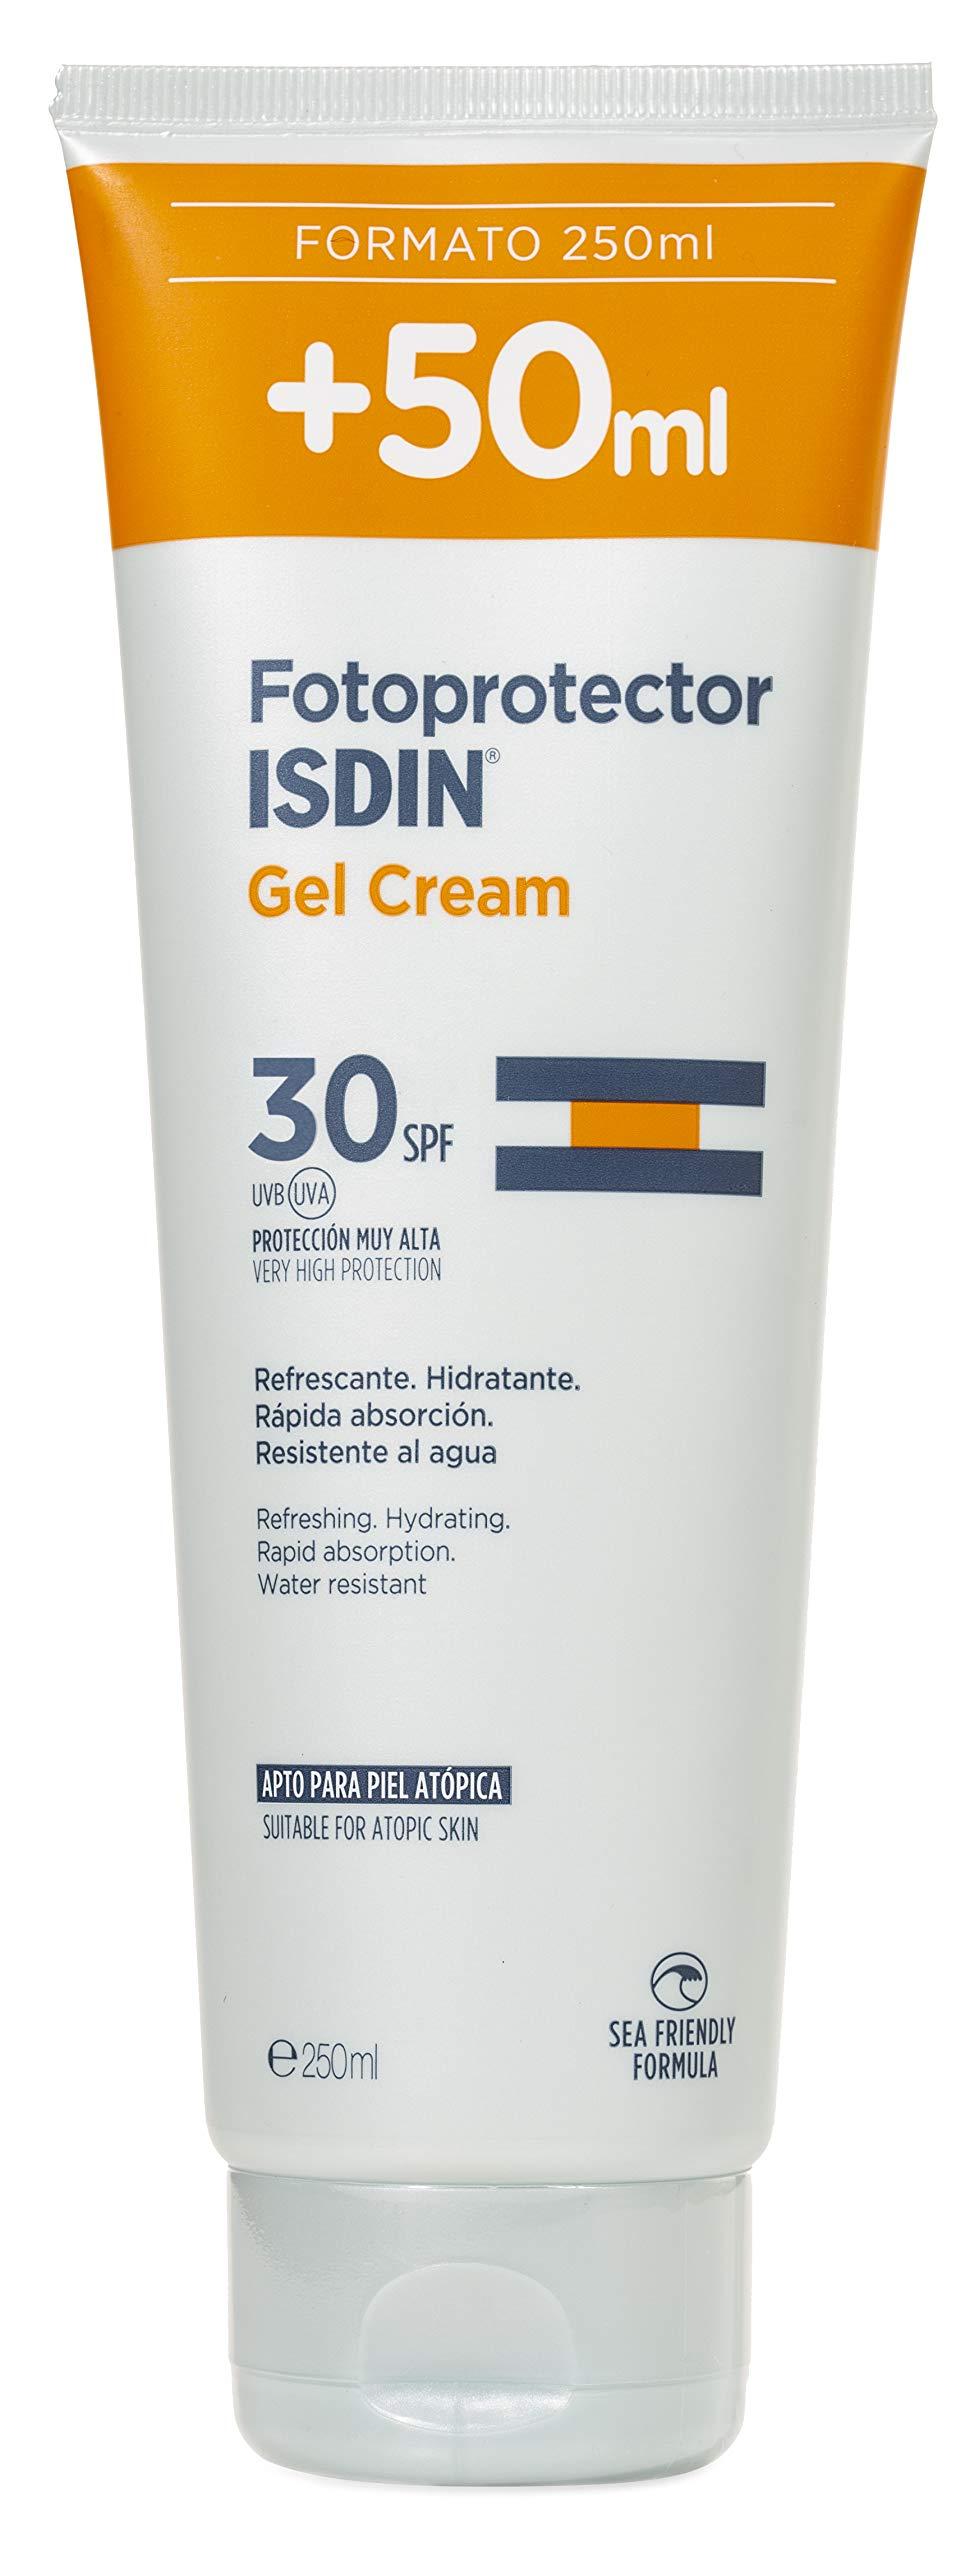 ISDIN Gel Cream Crema Solar Corporal Refrescante E Hidratante (SPF 30) – 250 ml.